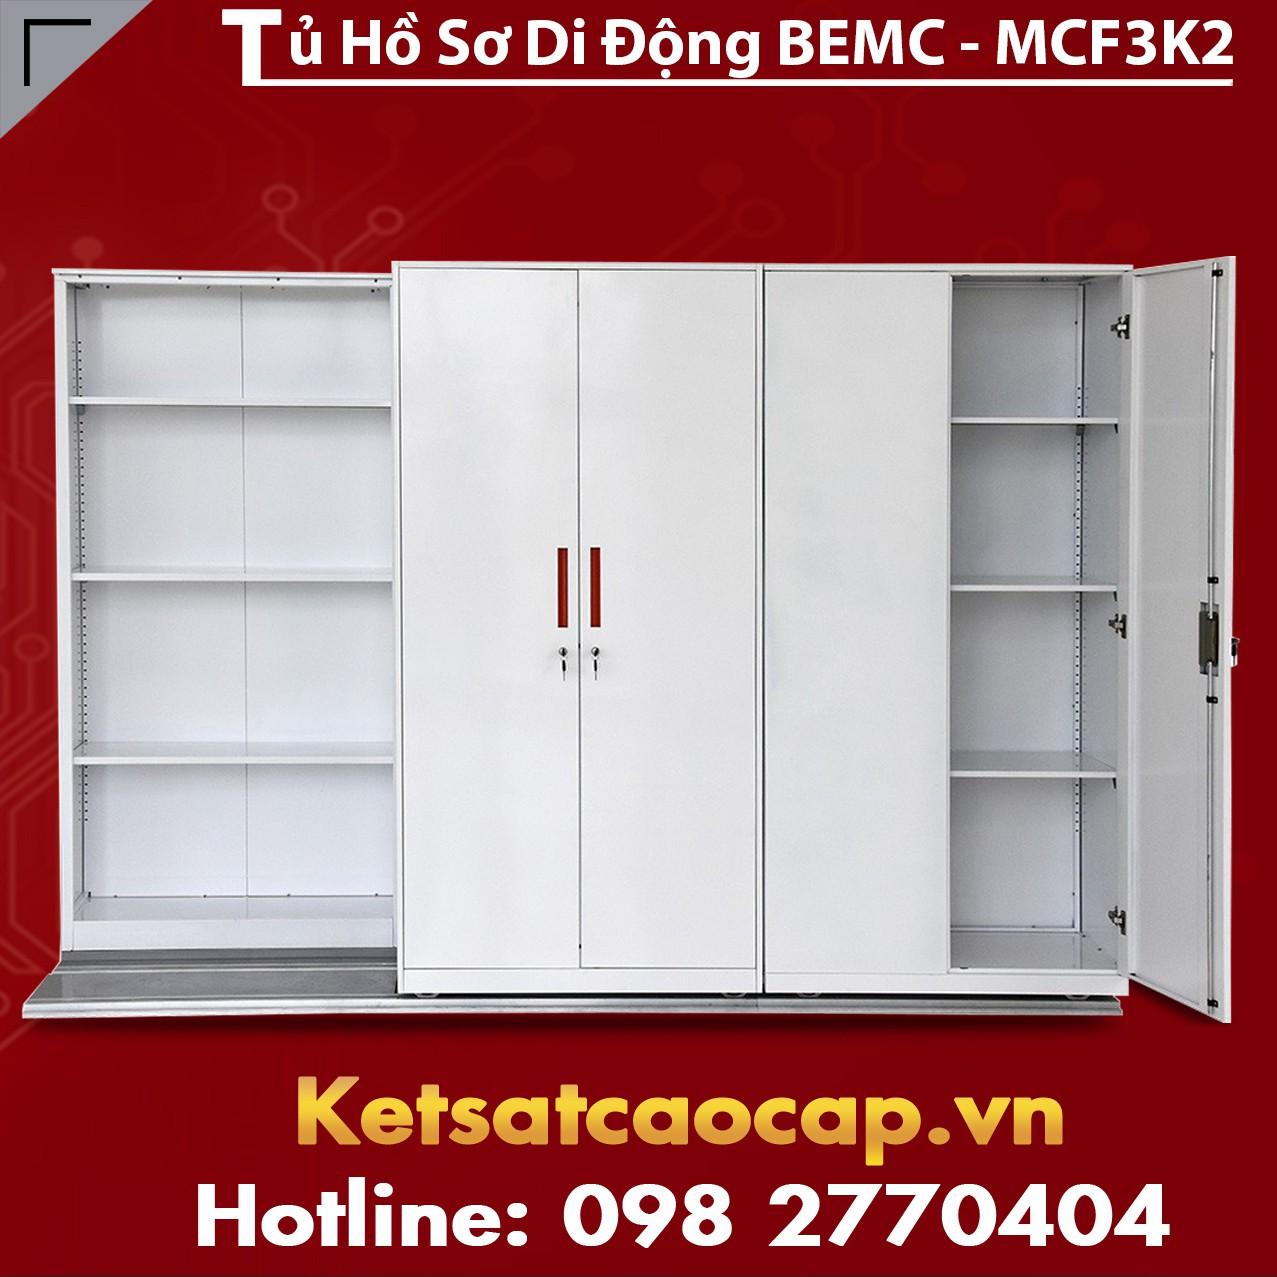 Tủ Thư Viện Di Động BEMC - MCF3K2